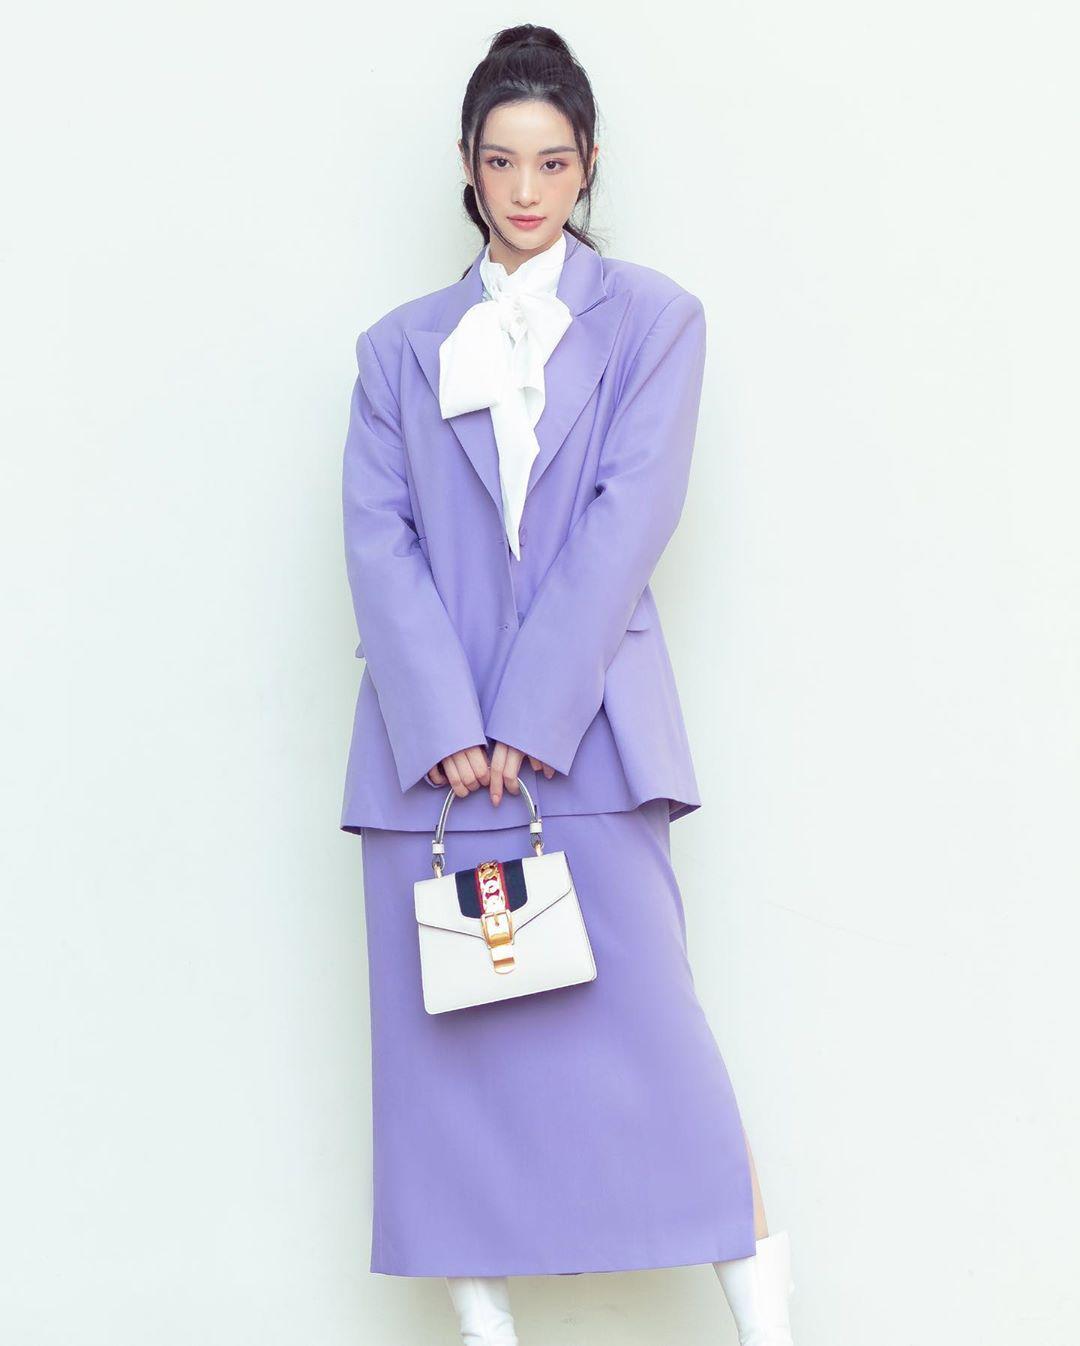 Sao Việt khi diện suit tím hot trend: Người đẹp tinh tế, người sến sẩm; nàng công sở xem cũng rút được khối kinh nghiệm - Ảnh 8.